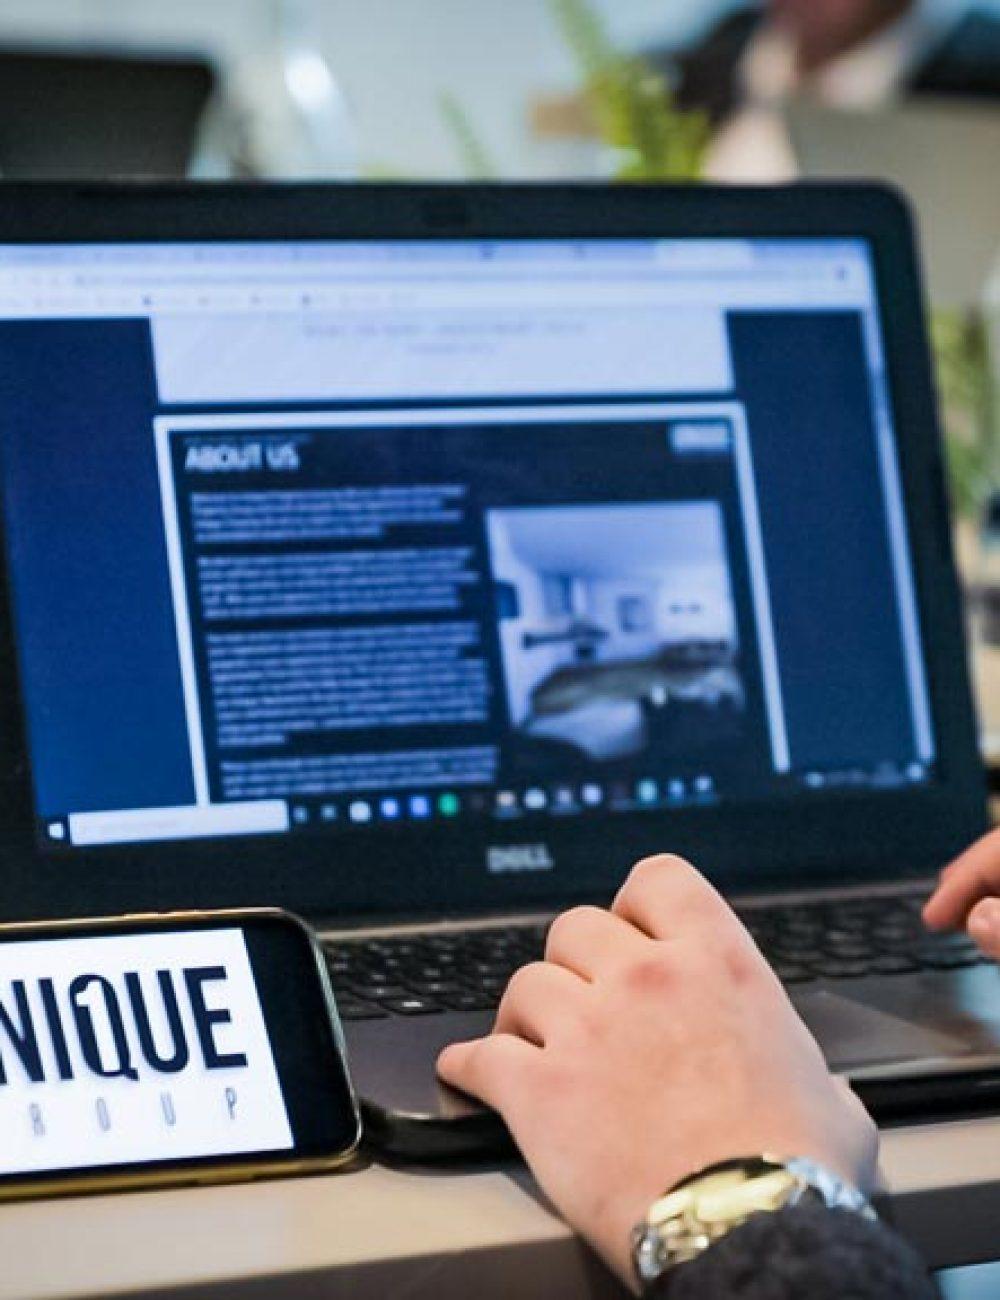 Unique-Property-Office-Laptop